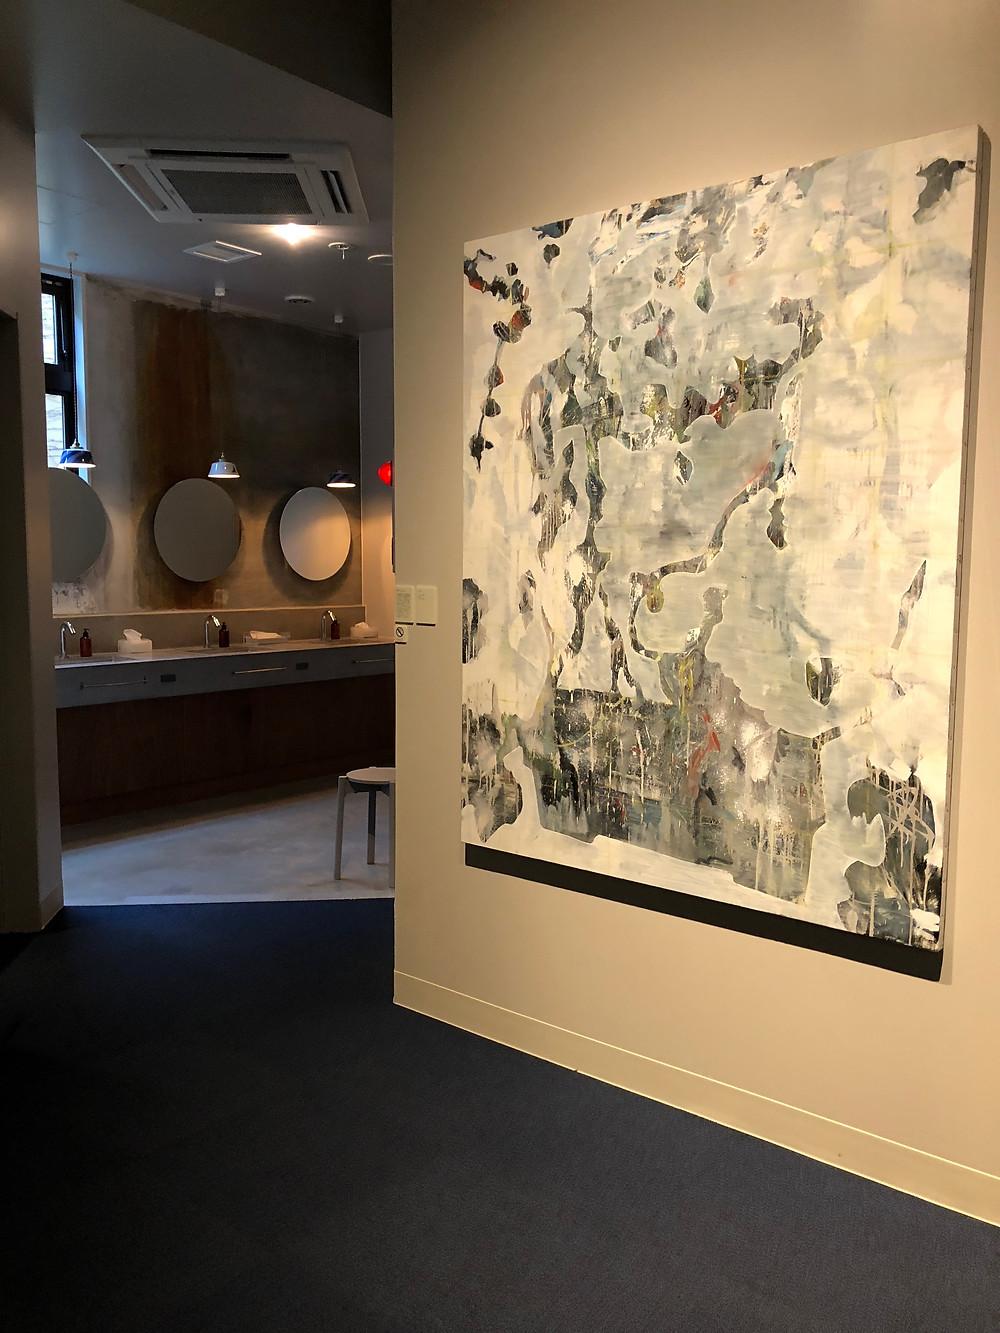 金沢のホテルハッチのアート。共用の洗面ブースも奥に見える。インテリアコーディネーターのブログ。